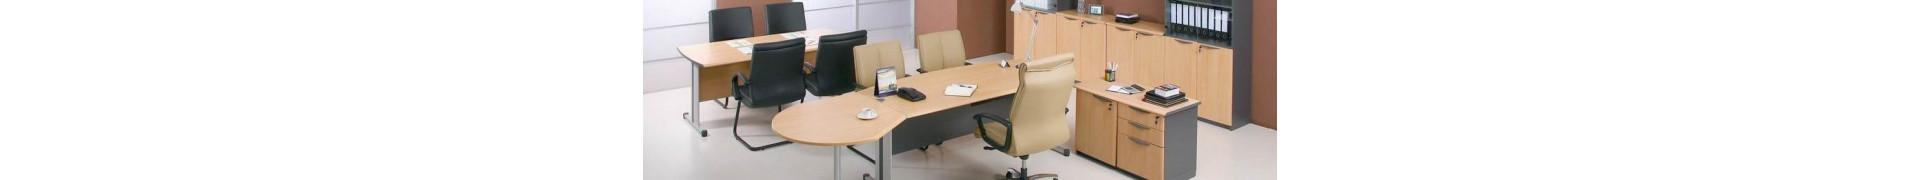 Офис обзавеждане   Топ цени   Композиции